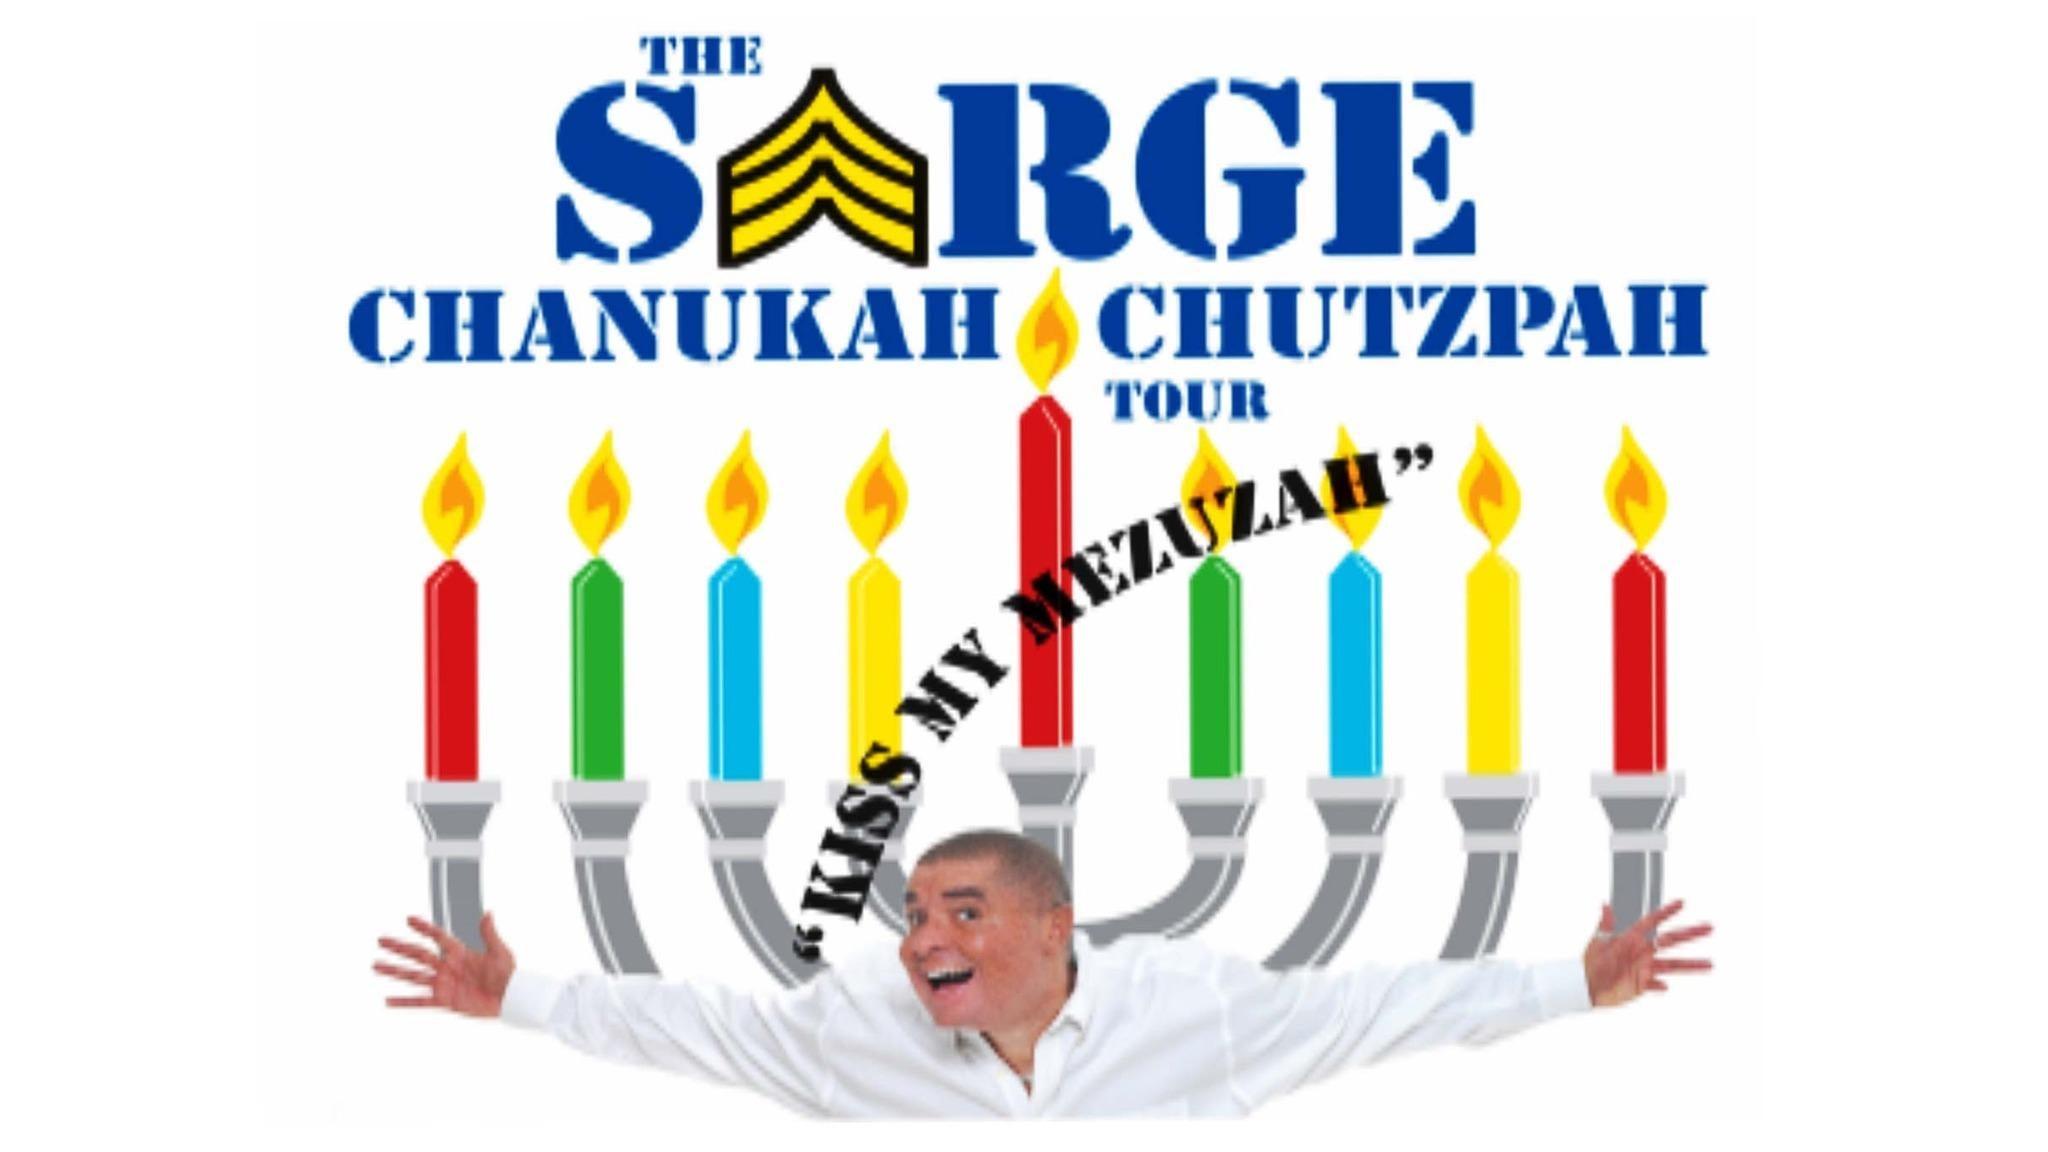 SORRY, THIS EVENT IS NO LONGER ACTIVE<br>Sarge: The Chanukah Chutzpah Tour... Kiss My Mezuzah - Aventura, FL 33180